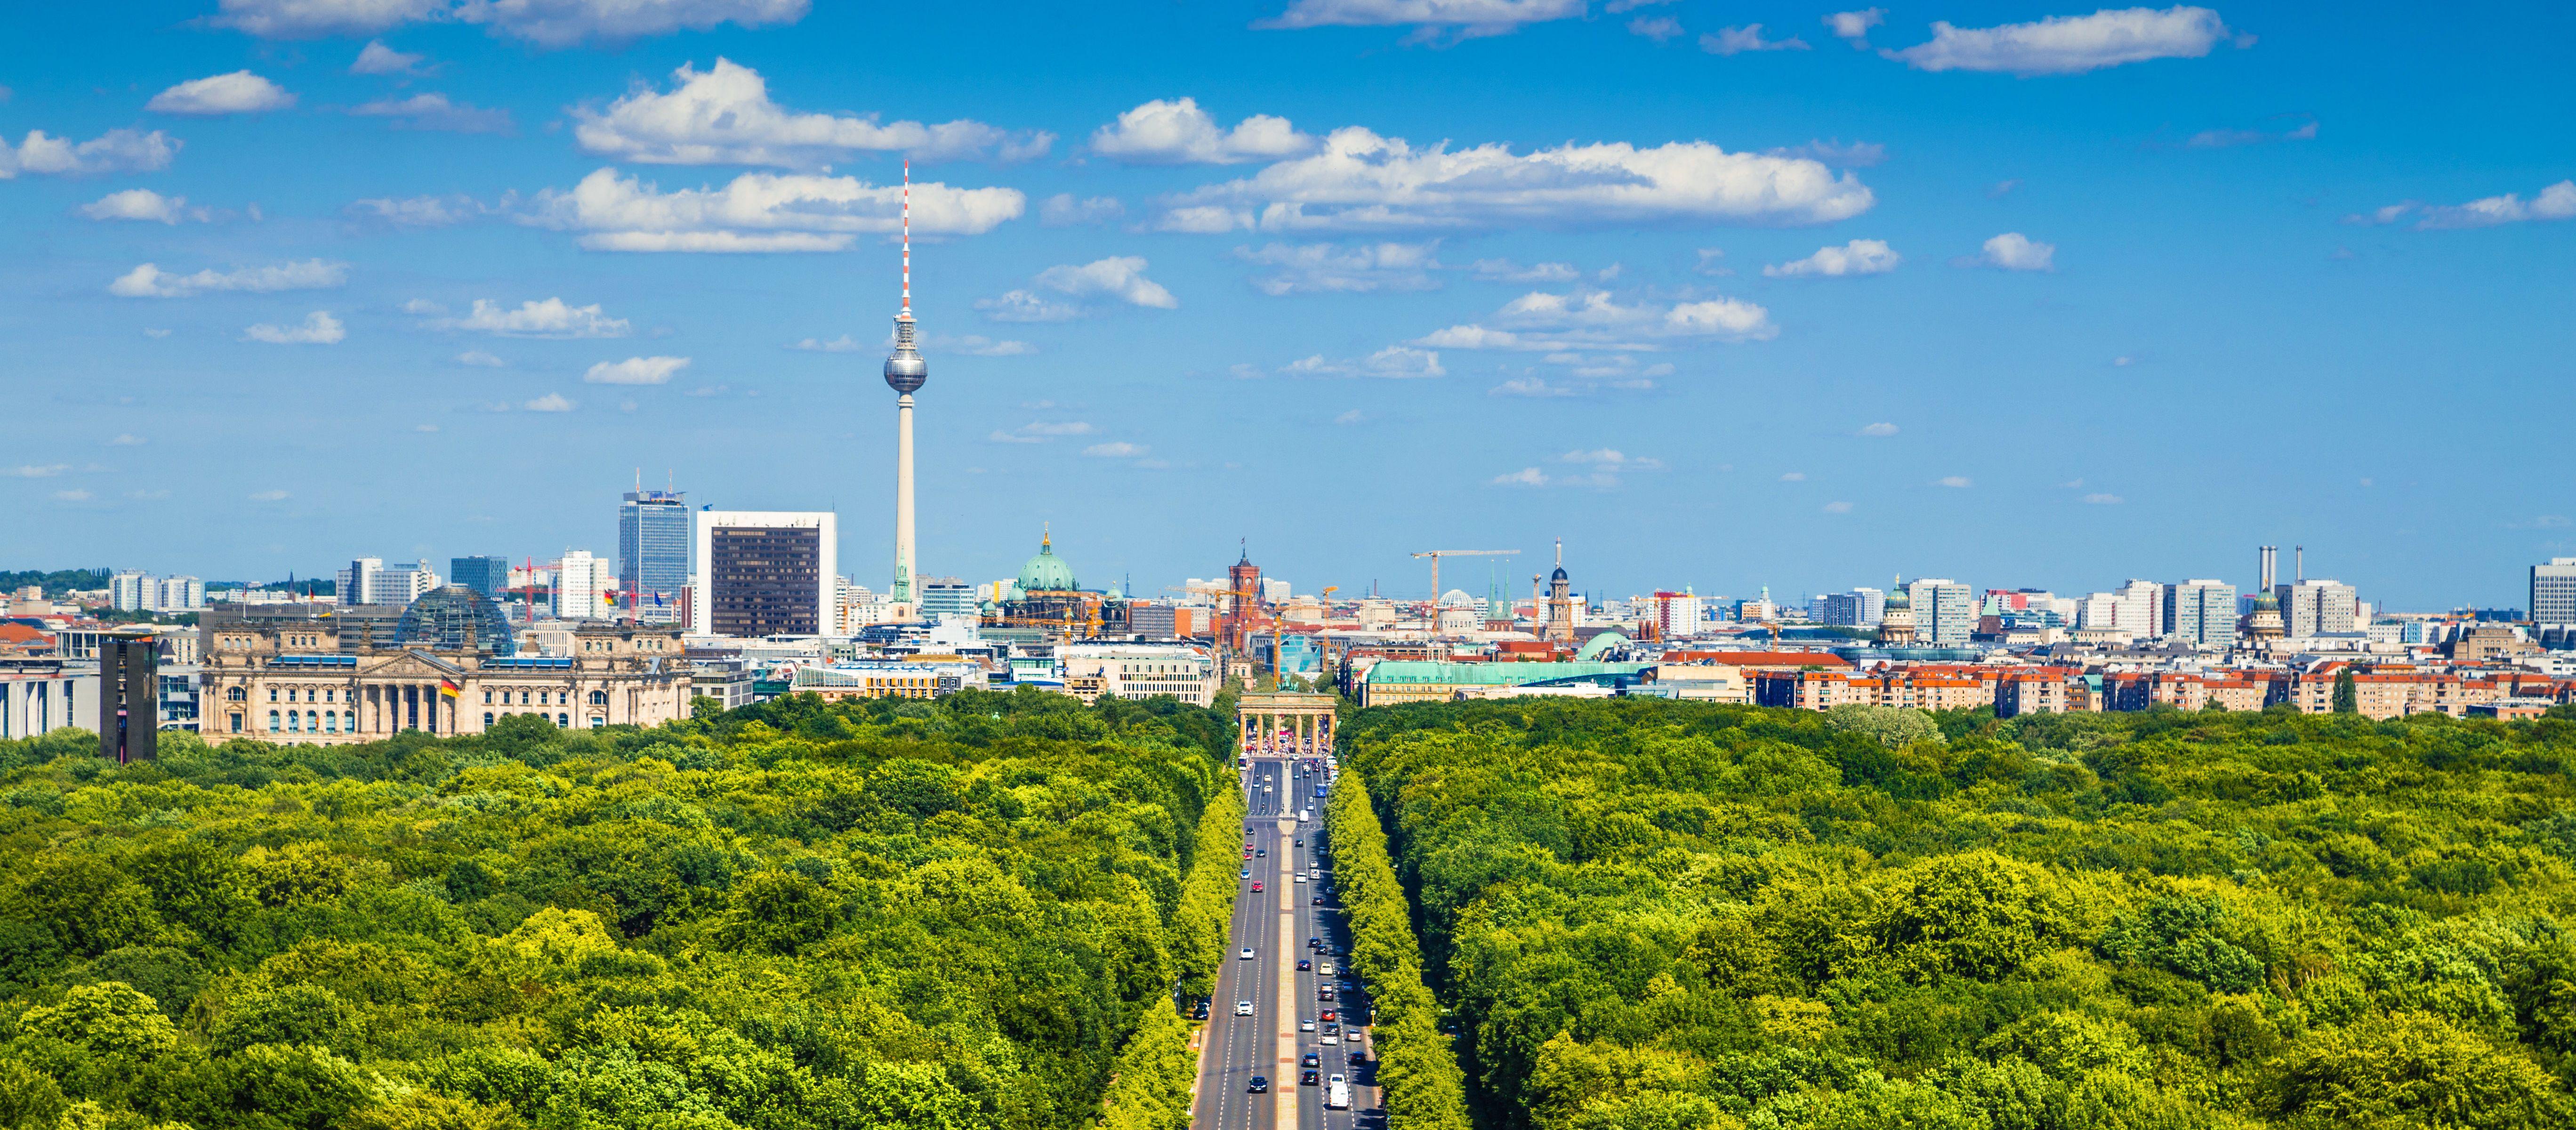 Ein Skyline-Panorama der deutschen Hauptstadt Berlin